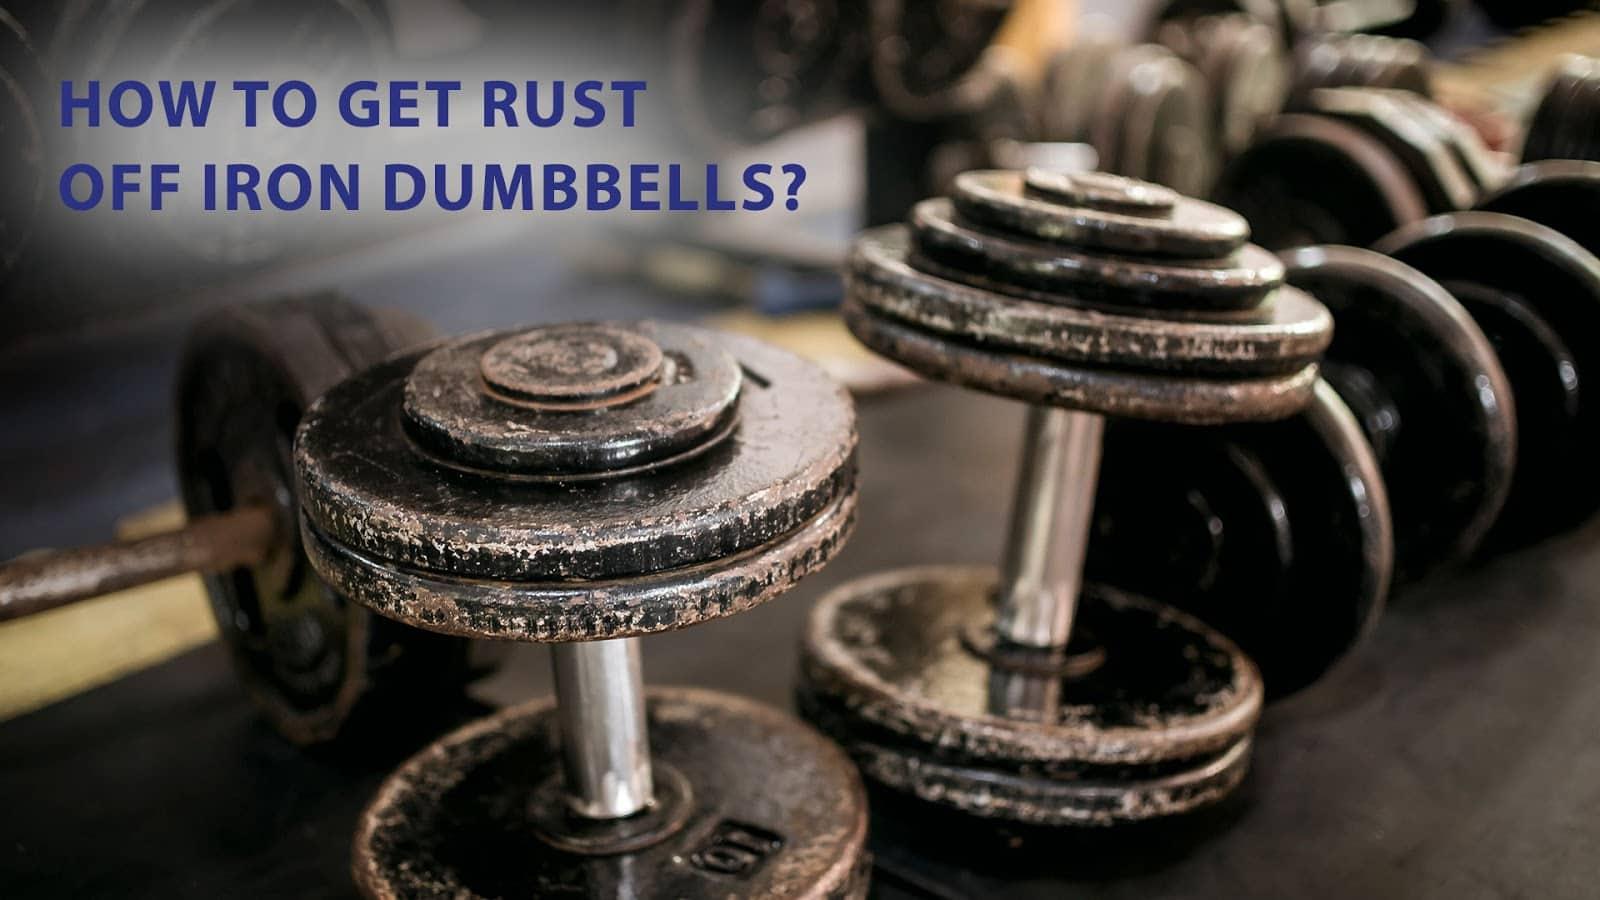 rust on iron dumbbells